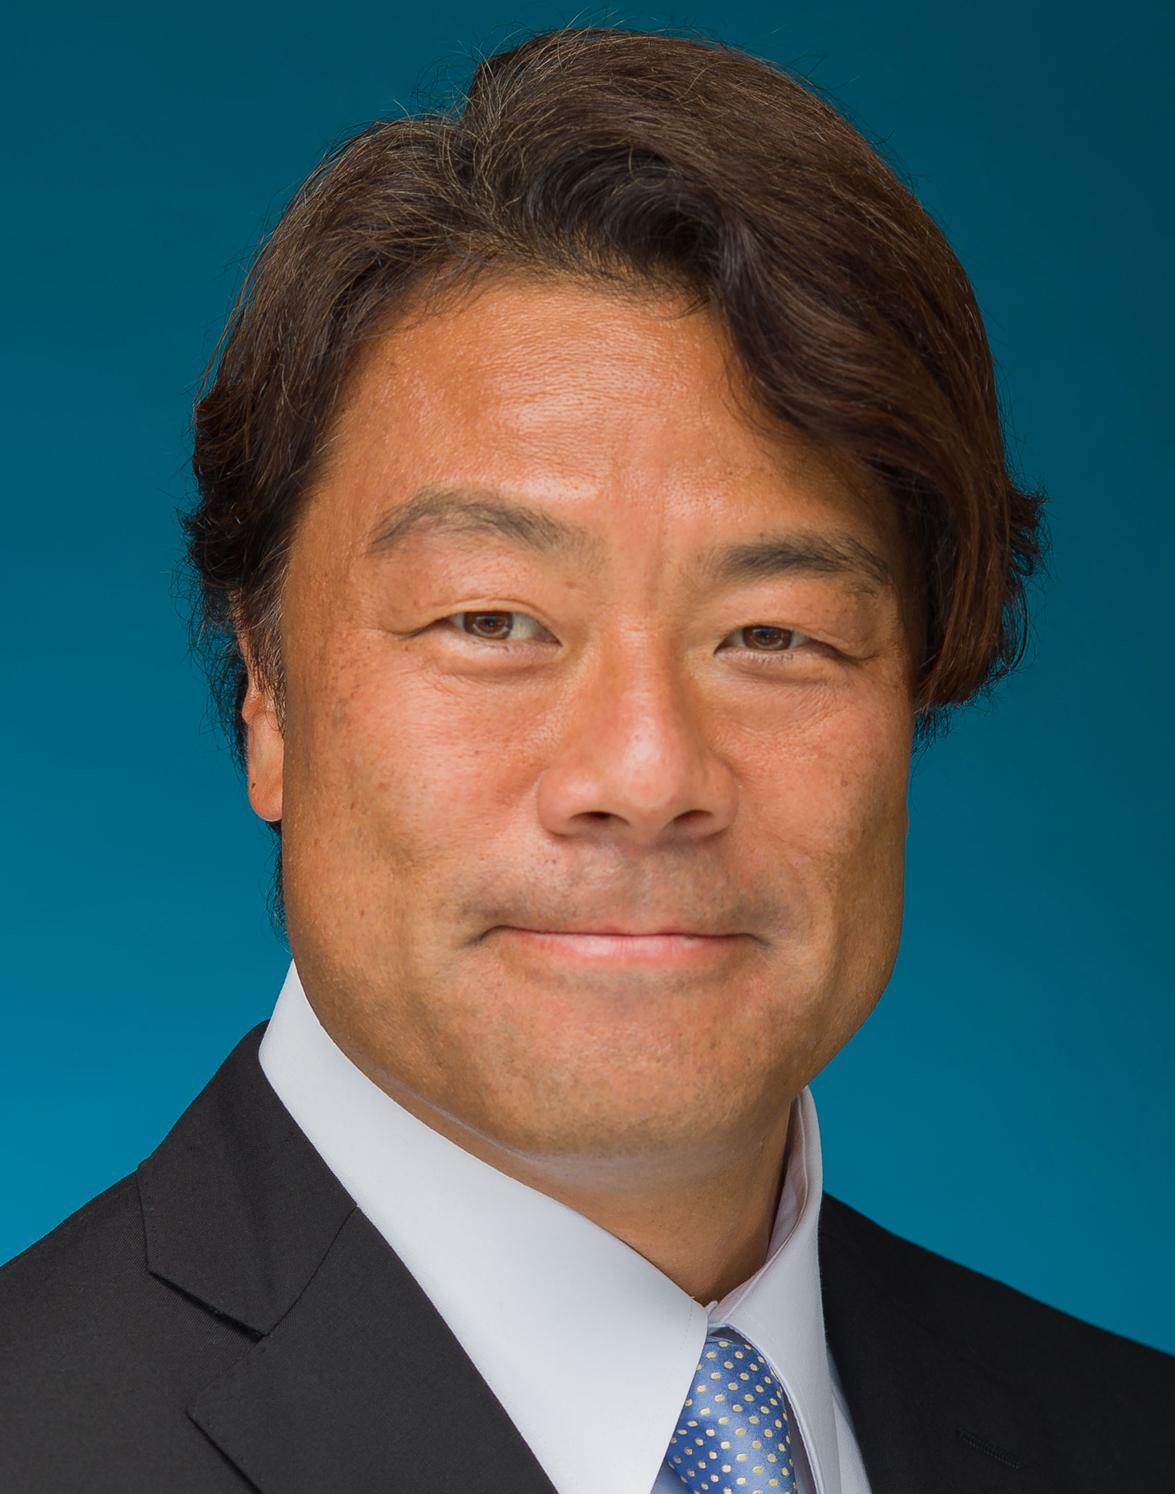 Toshiyuki Saegusa